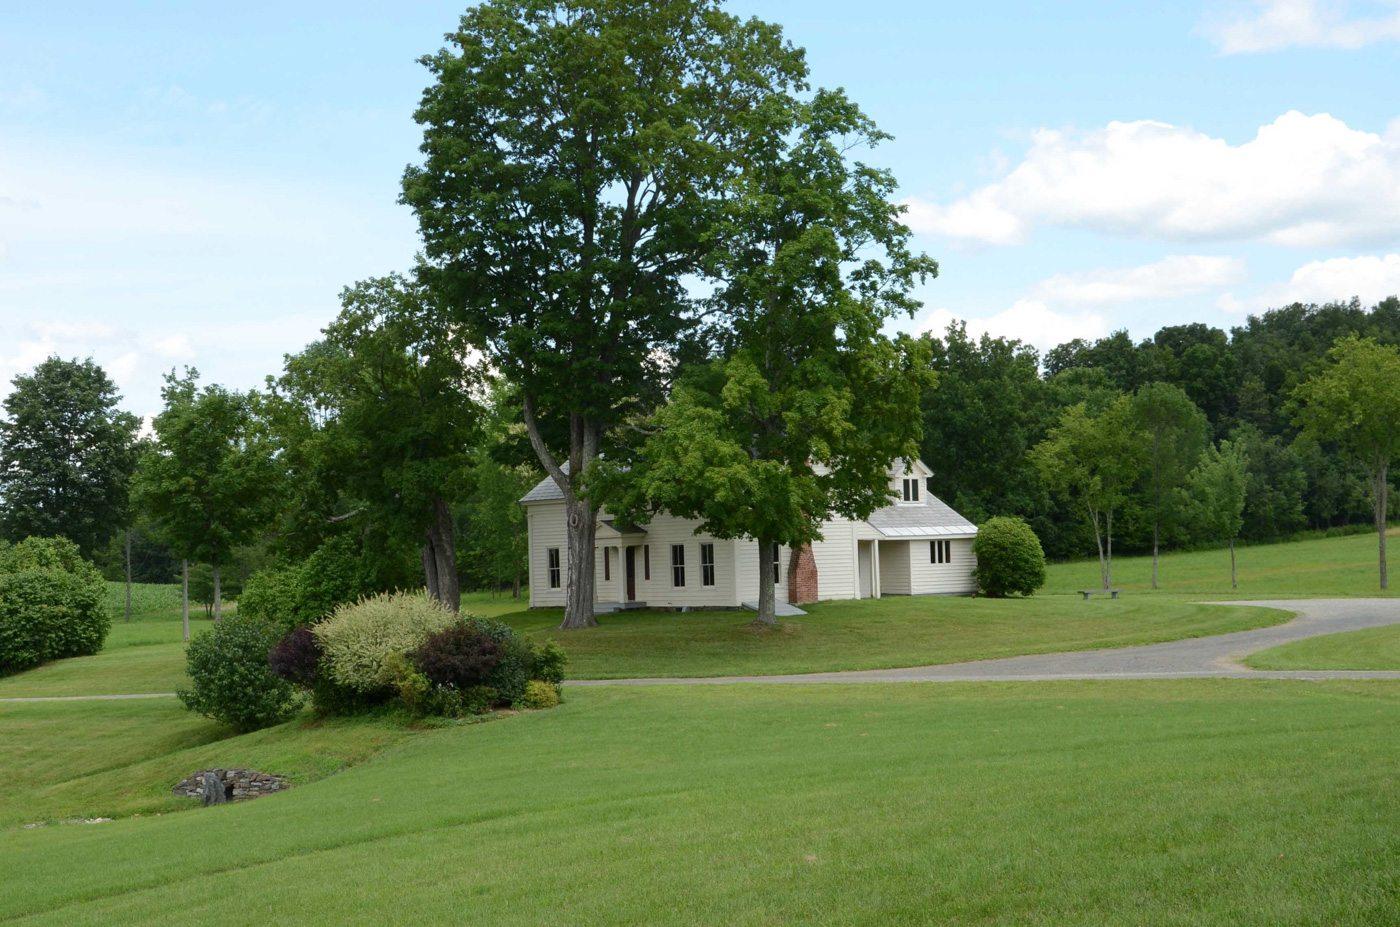 Farmhouse at Historic Barns of Nipmoose, 2012, Photograph by Con